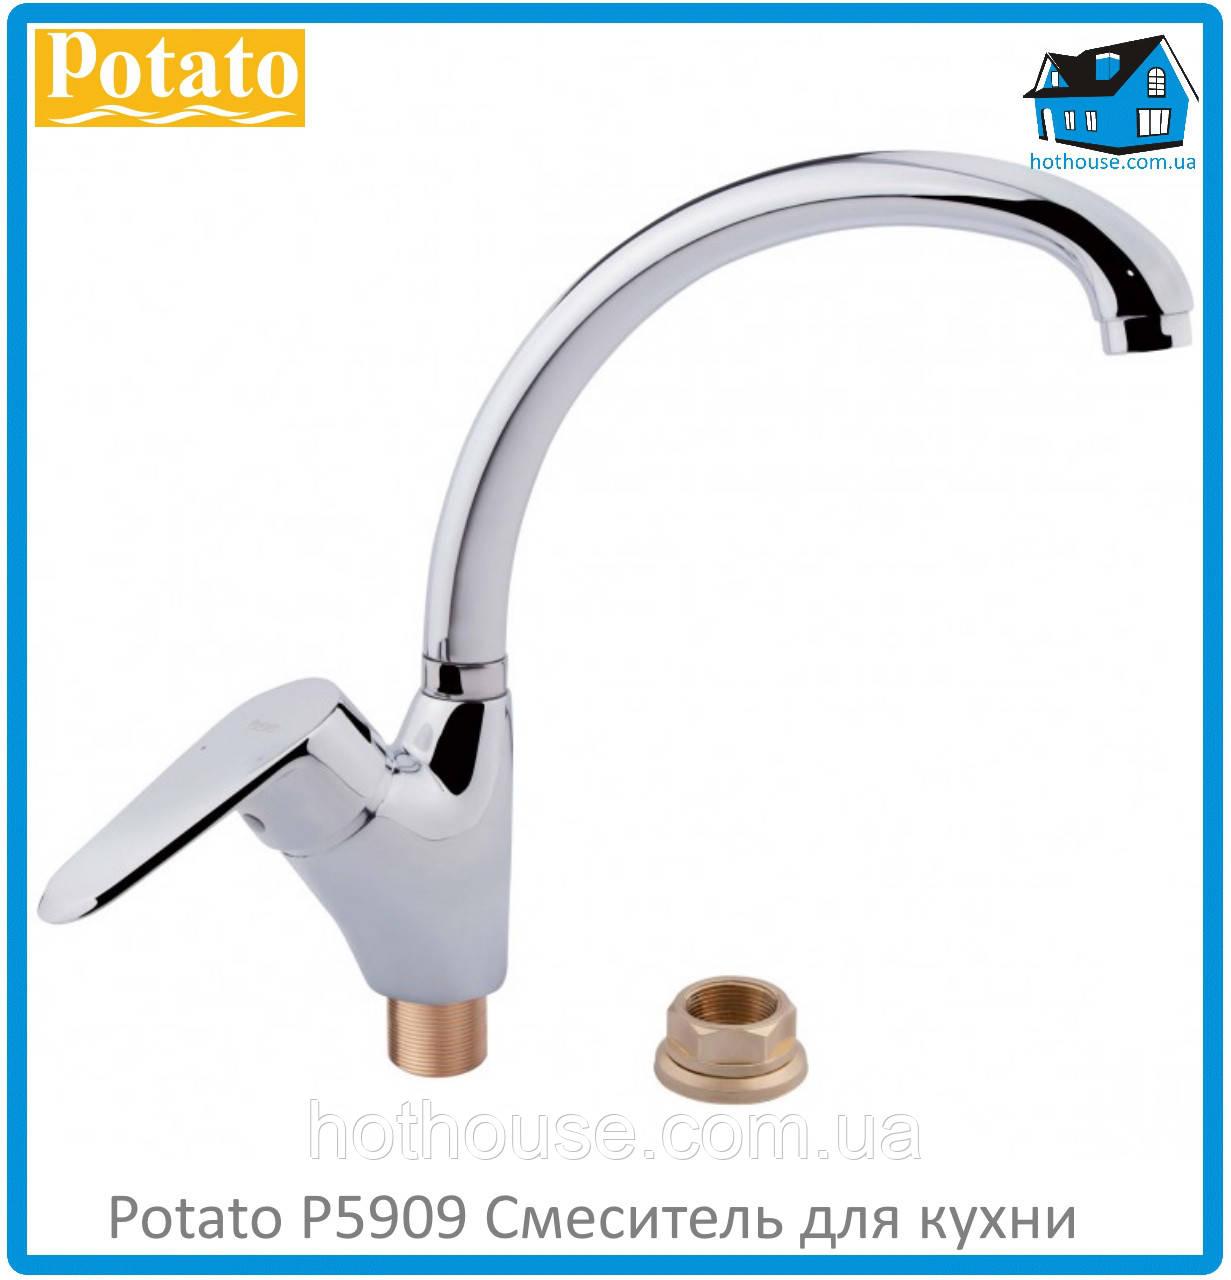 Смеситель для кухни Potato P5909